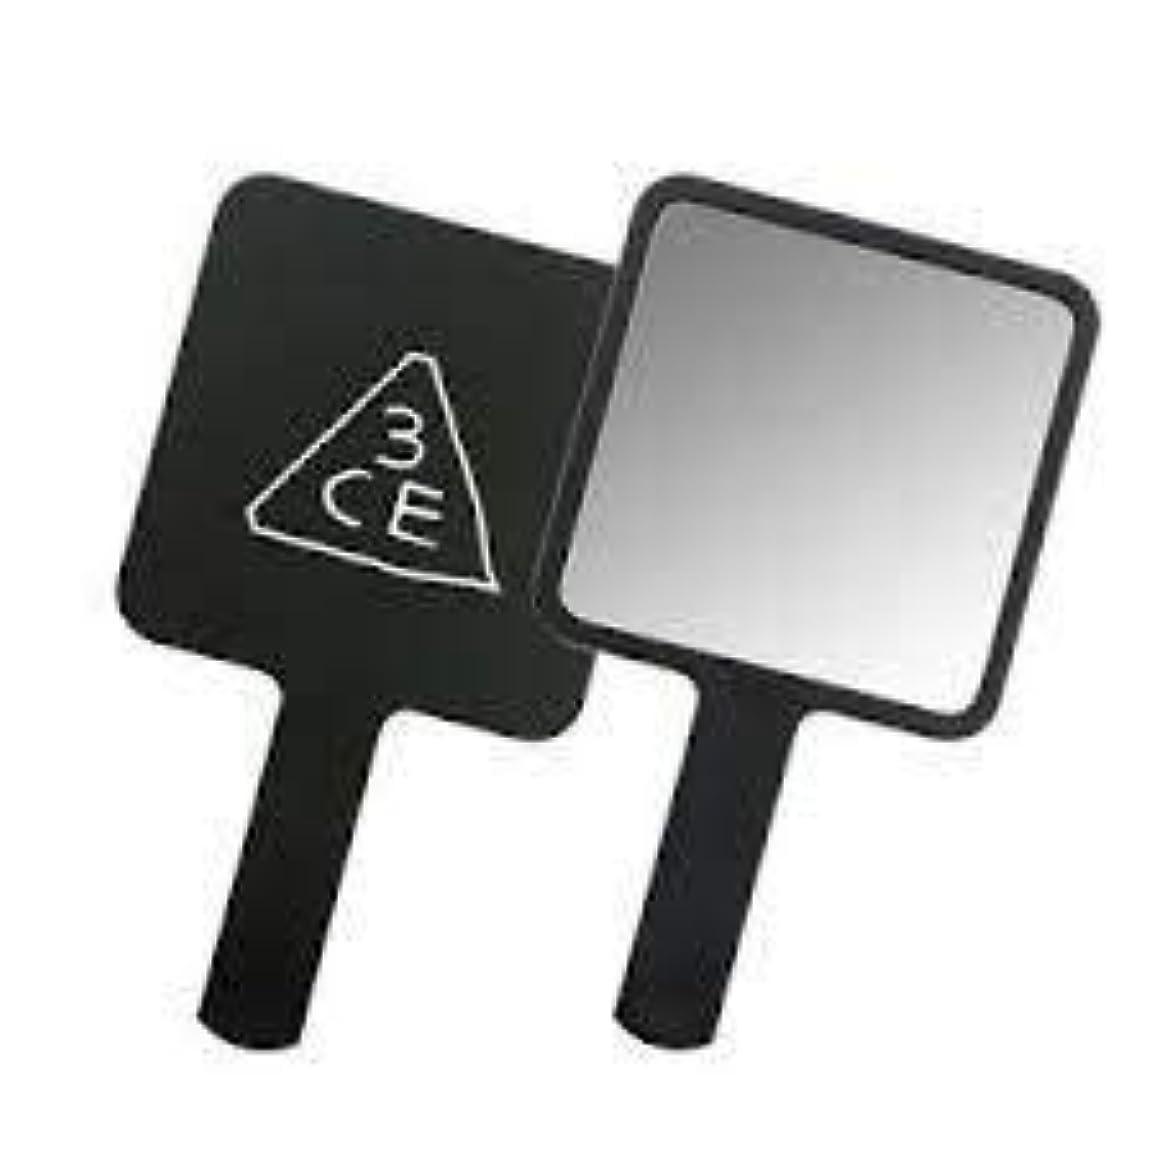 スキムクスクス本土スリーコンセプトアイズ 3CE ミニ ハンド ミラー #BLACK